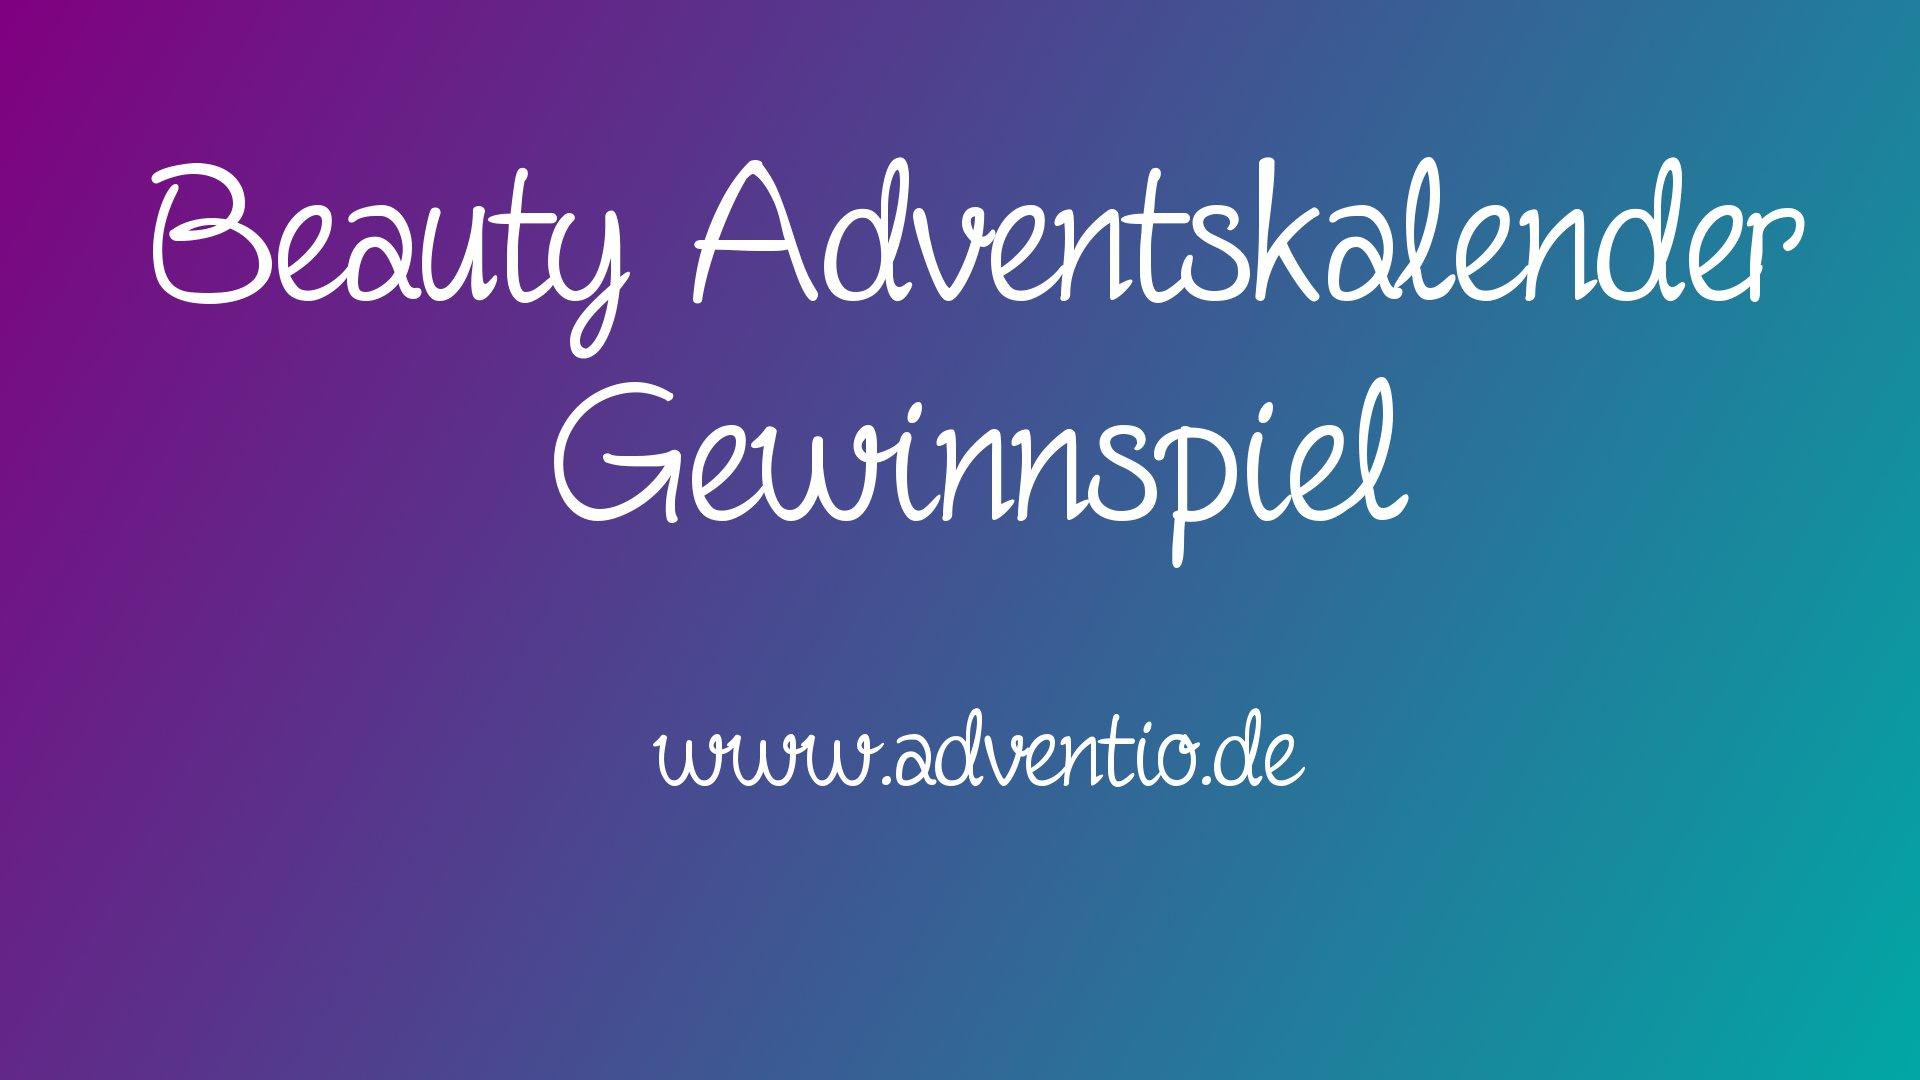 Beauty Adventskalender Gewinnspiel